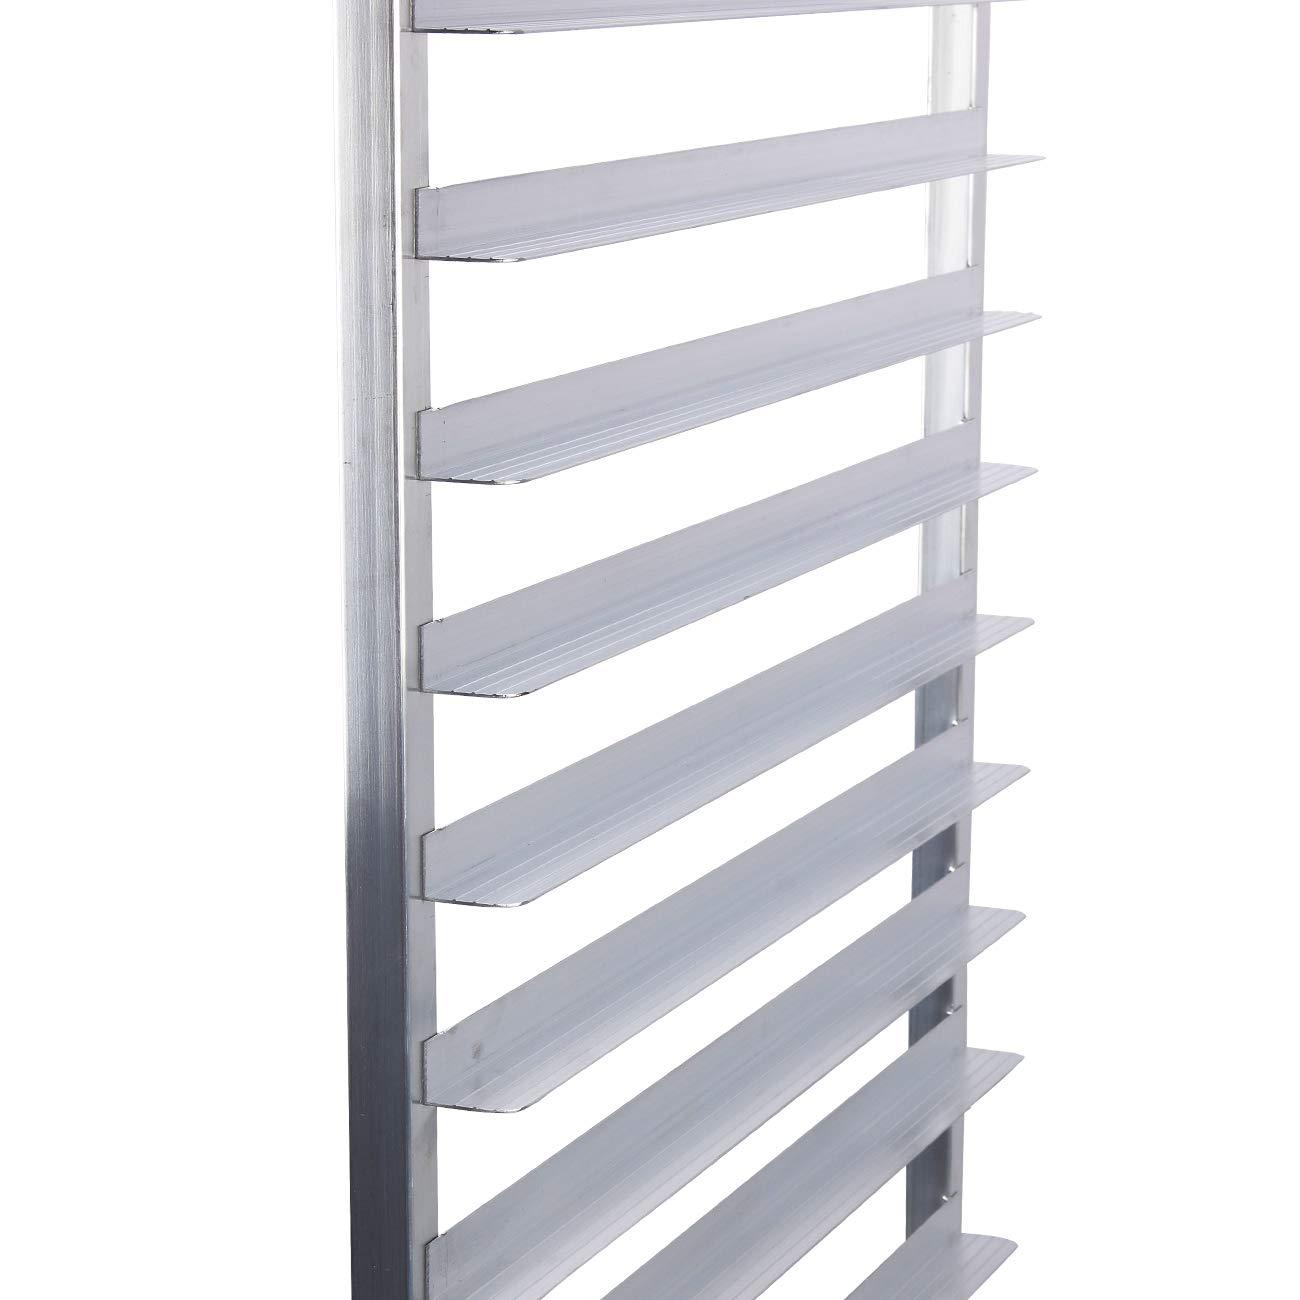 Arksen Commercial Kitchen 10 Tier Bun Pan Half Height Rack